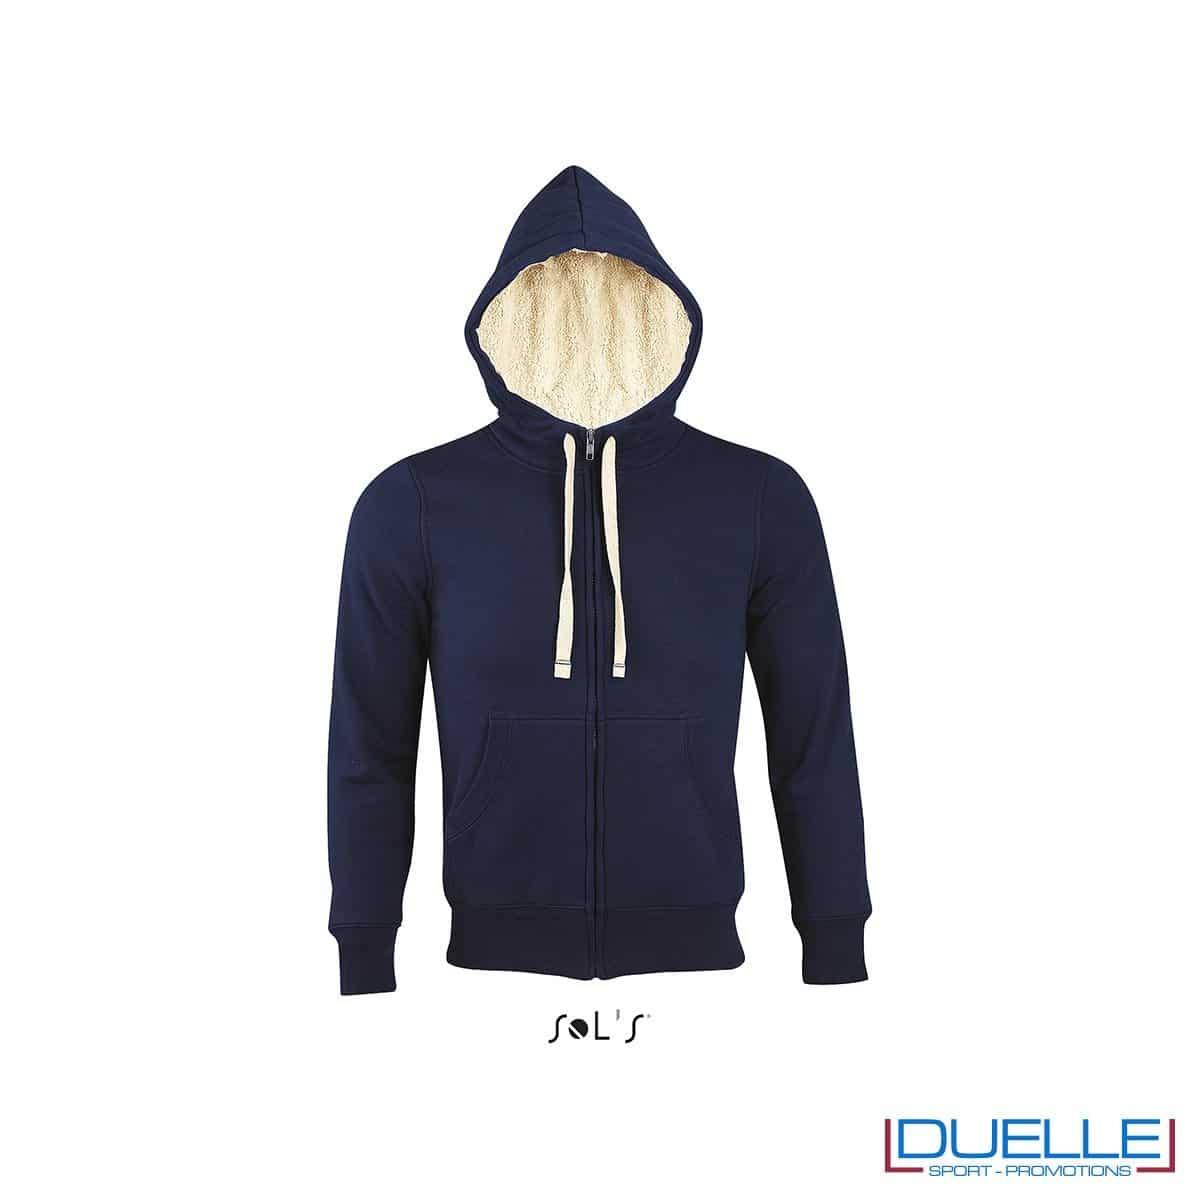 felpa personalizzata con cappuccio e pelo sherpa in colore blu navy, felpe personalizzate